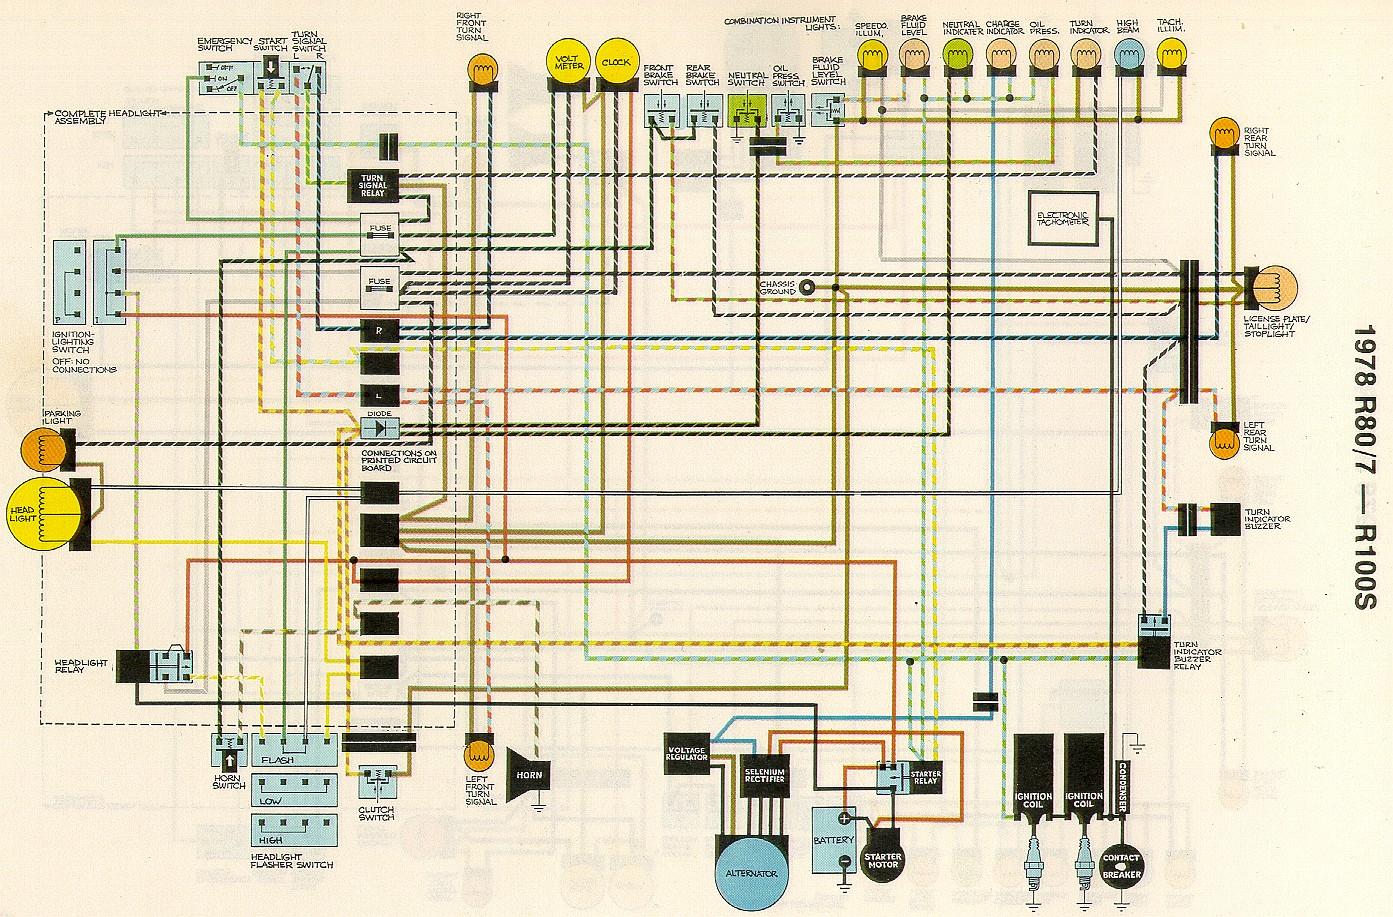 Remarkable Bmw R100 Wiring Diagram Wiring Diagram Data Wiring Cloud Xortanetembamohammedshrineorg